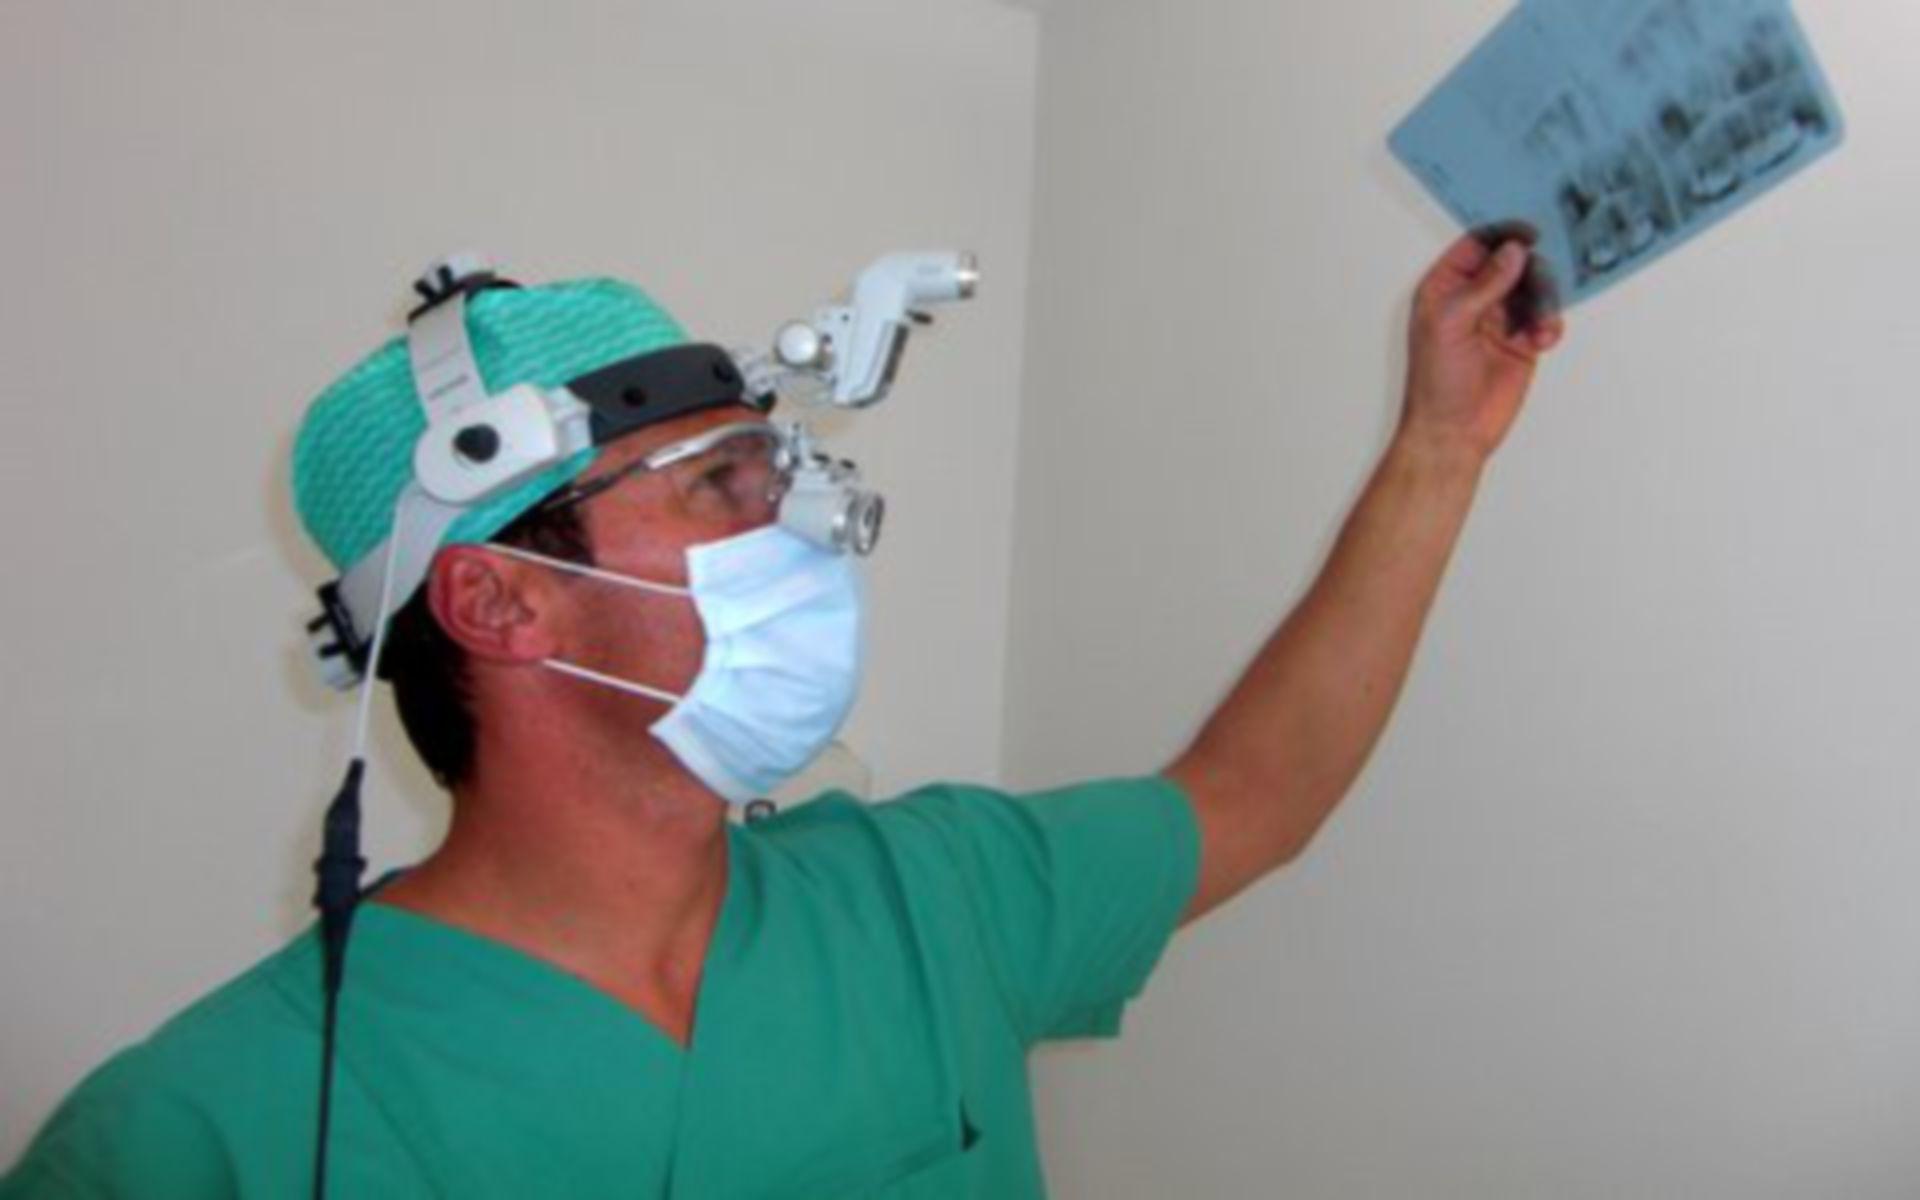 Centro per la diagnostica di impianti Monaco di Baviera